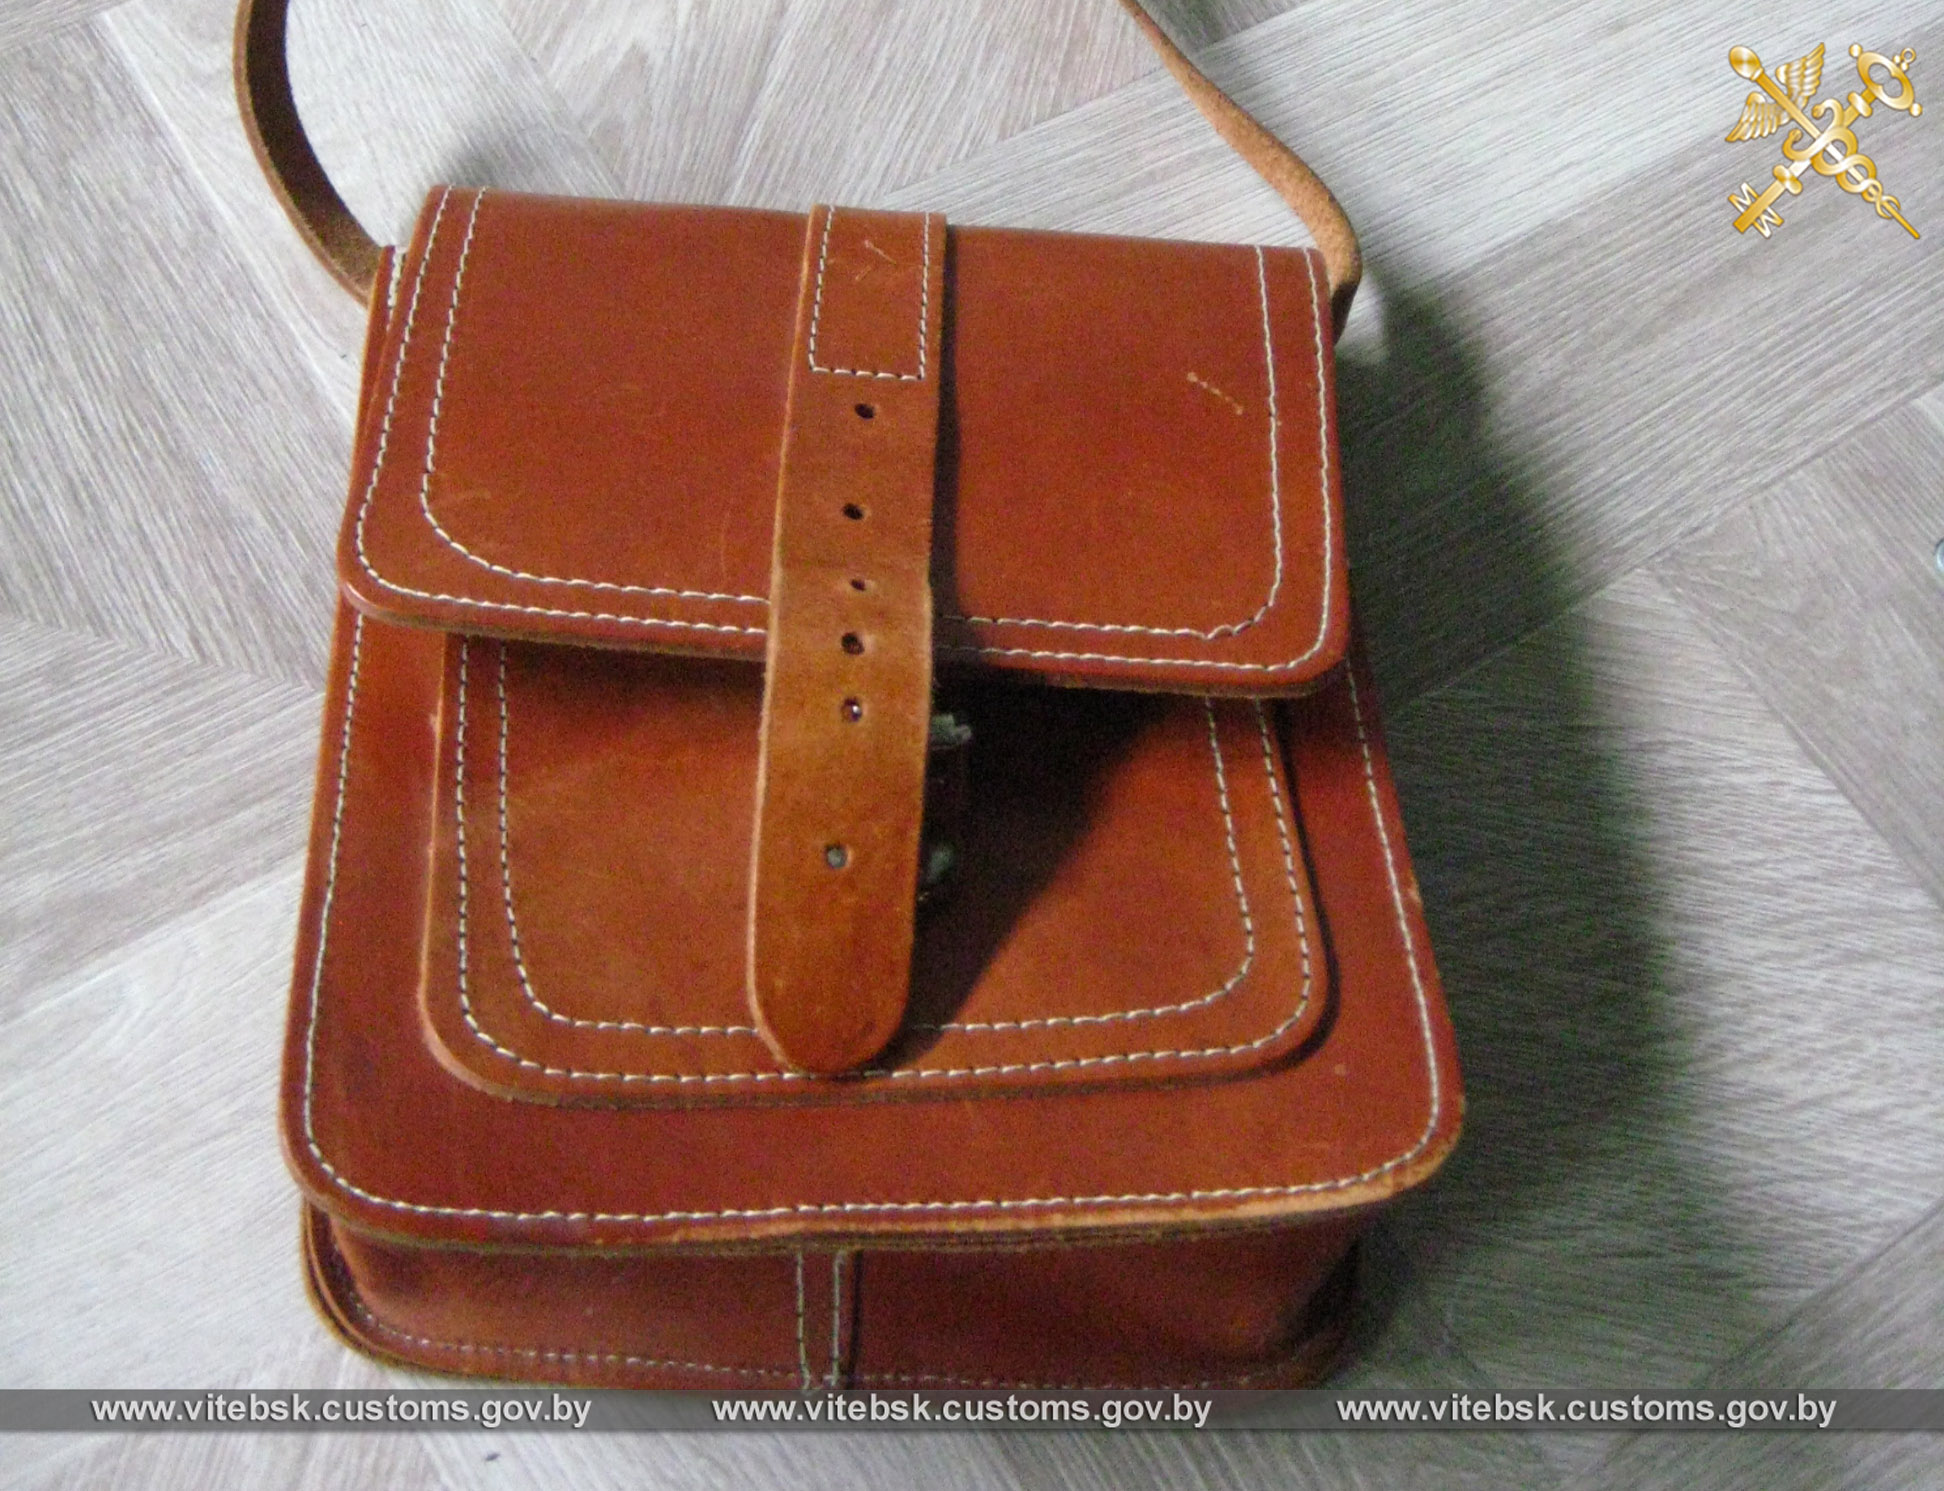 Две попытки ввоза новой одежды и обуви под видом бывшей в употреблении пресекли витебские таможенники